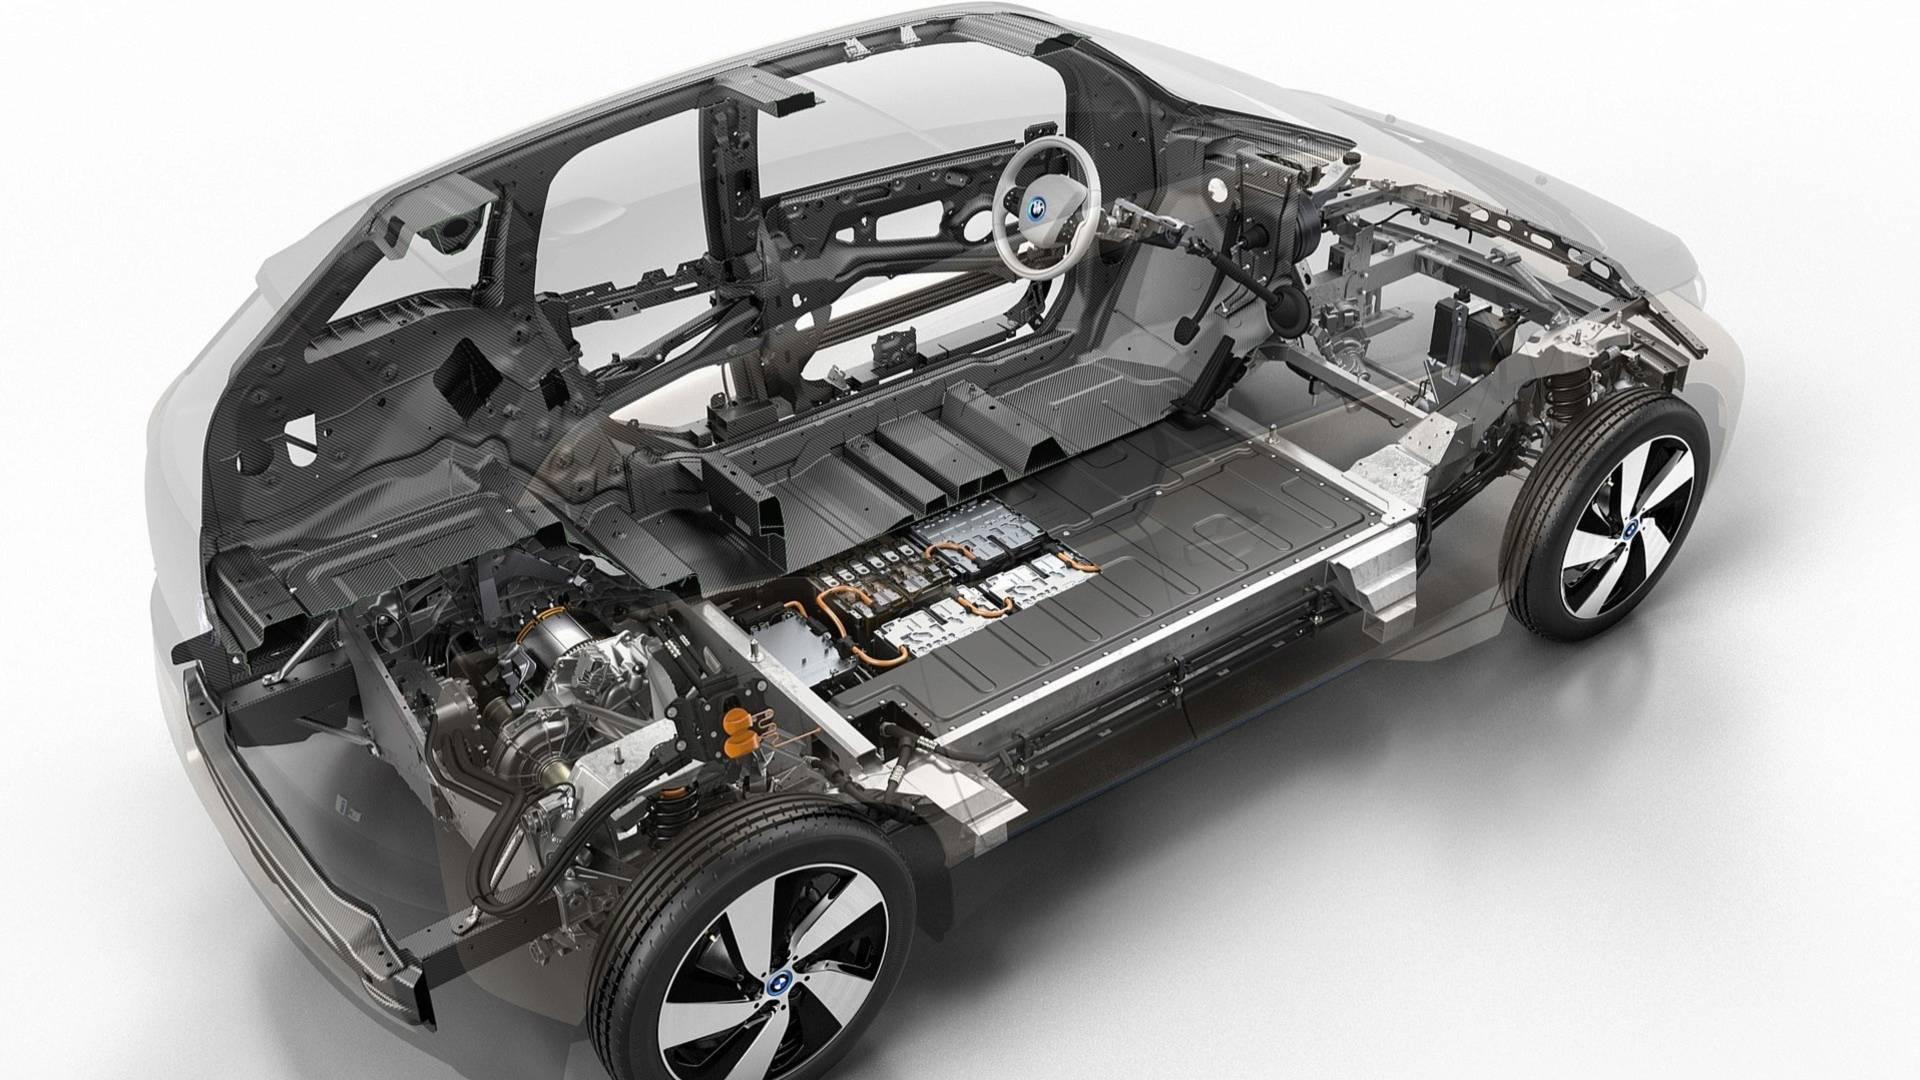 Schema Elettrico Auto : Comè fatta e come funziona unauto elettrica